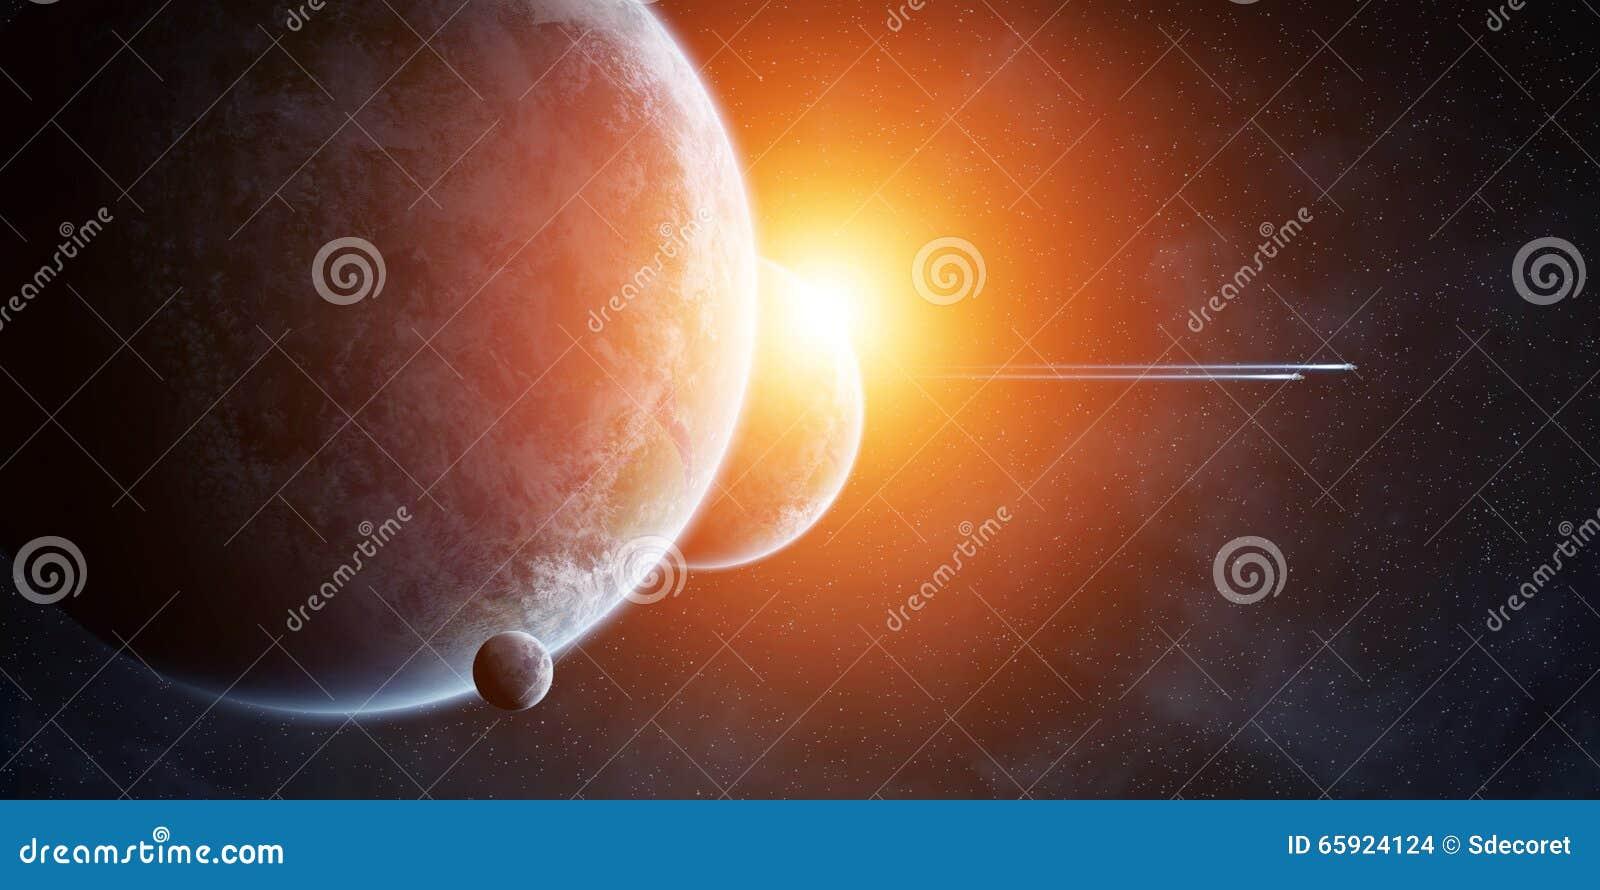 Sonnenaufgang über Planeten im Raum